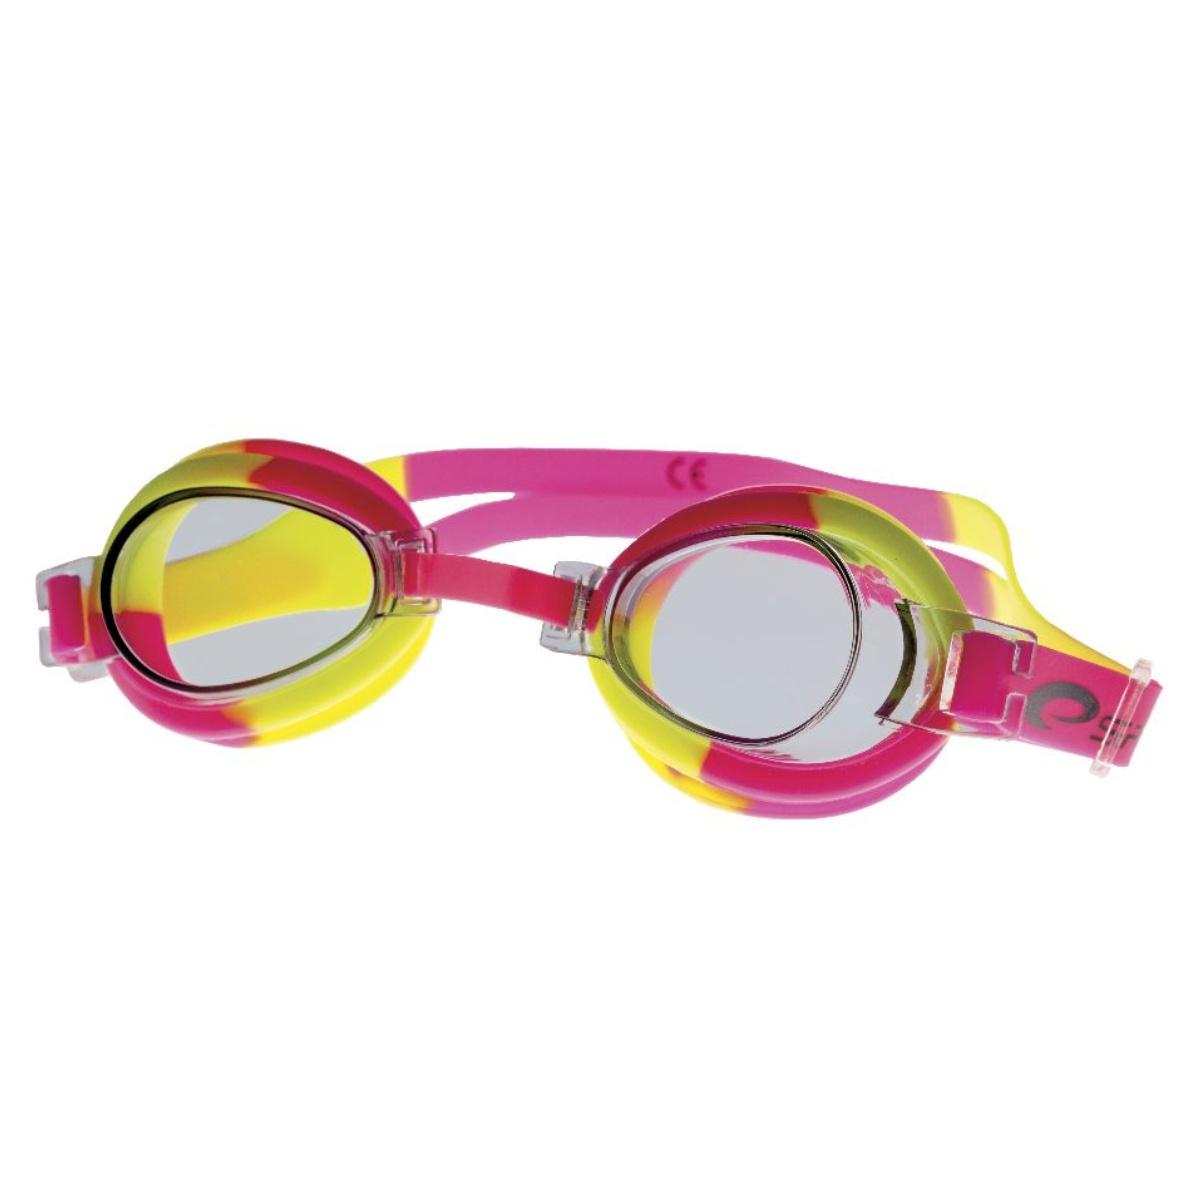 Plavecké brýle SPOKEY Jellyfish - růžovo-žluté